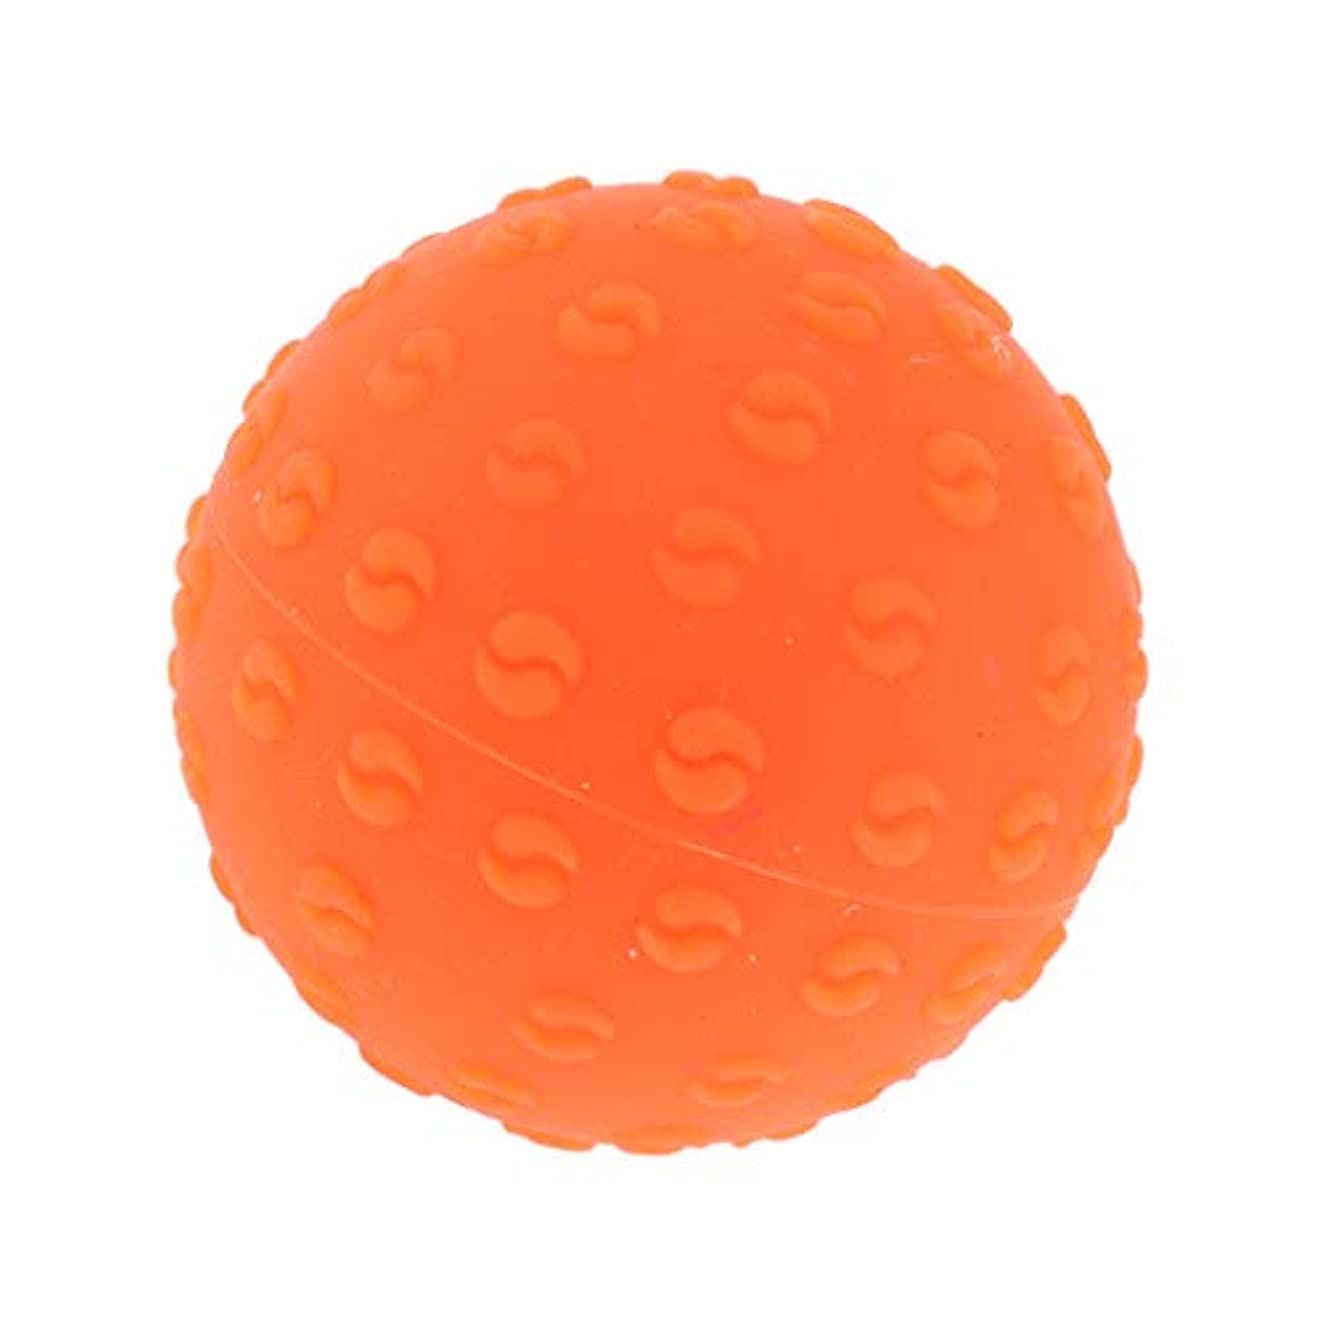 ベスト電極仲間CUTICATE マッサージボール 指圧ボール シリコーン トリガーポイント 足底筋膜炎 ヨガ マッサージ器 全6色 - オレンジ, 説明のとおり